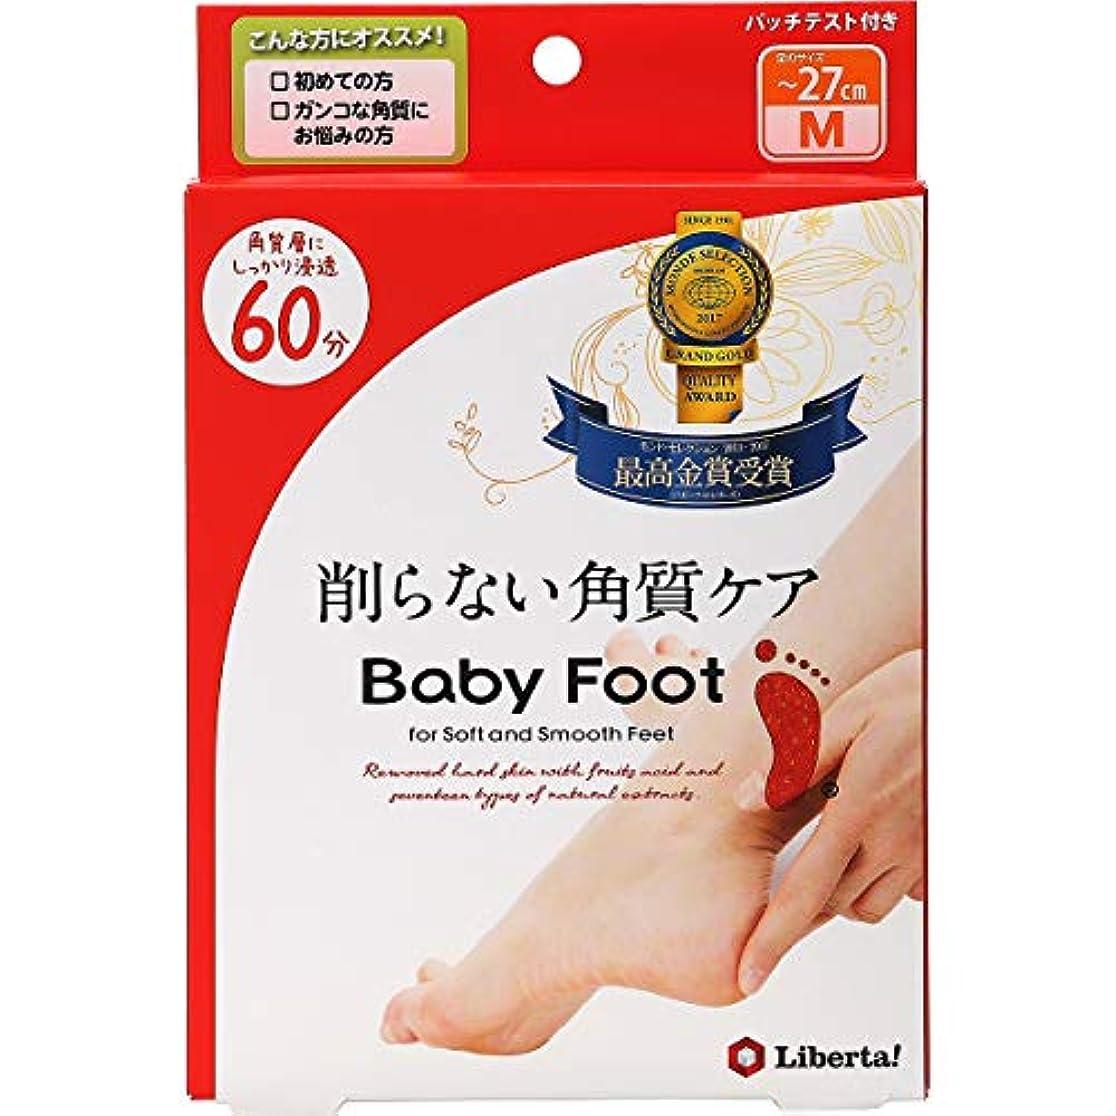 戦い伝導率決めますベビーフット (Baby Foot) ベビーフット イージーパック SPT60分タイプ Mサイズ 単品